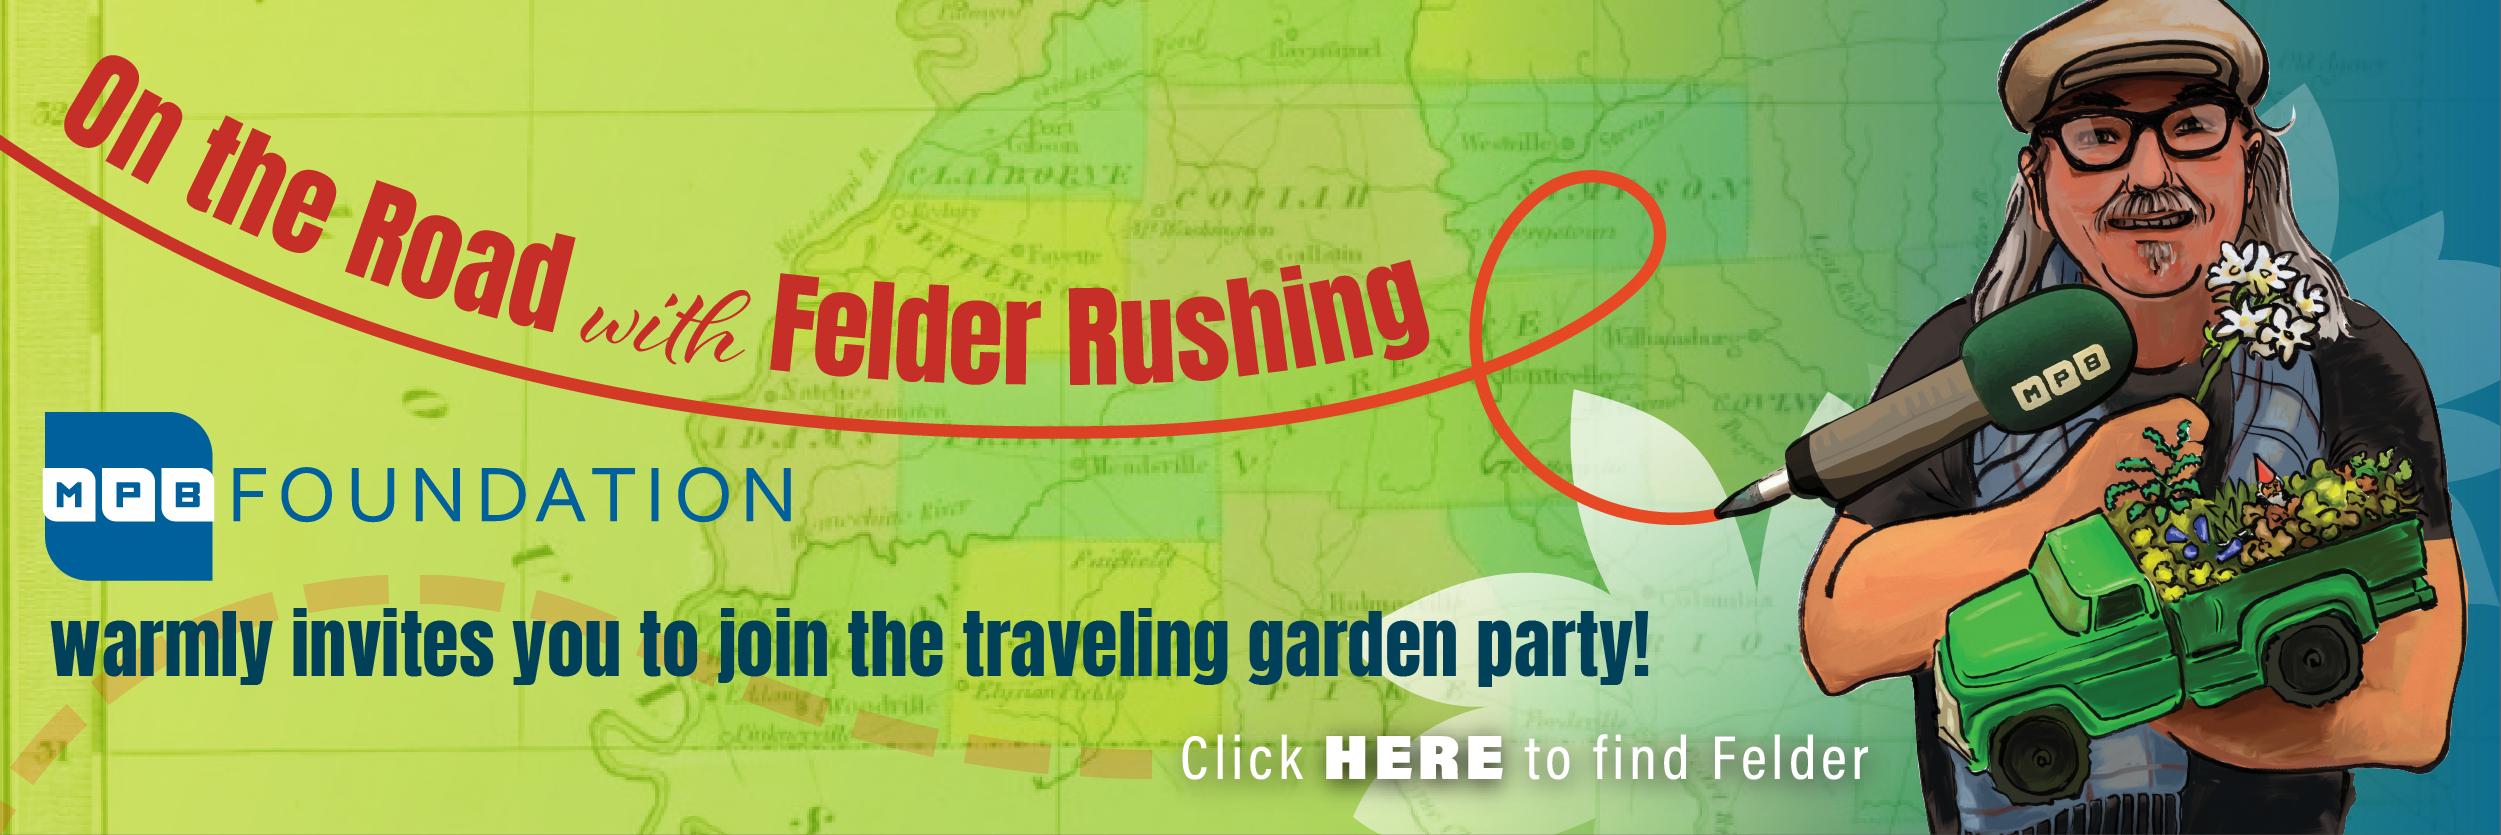 OTR with Felder Rushing